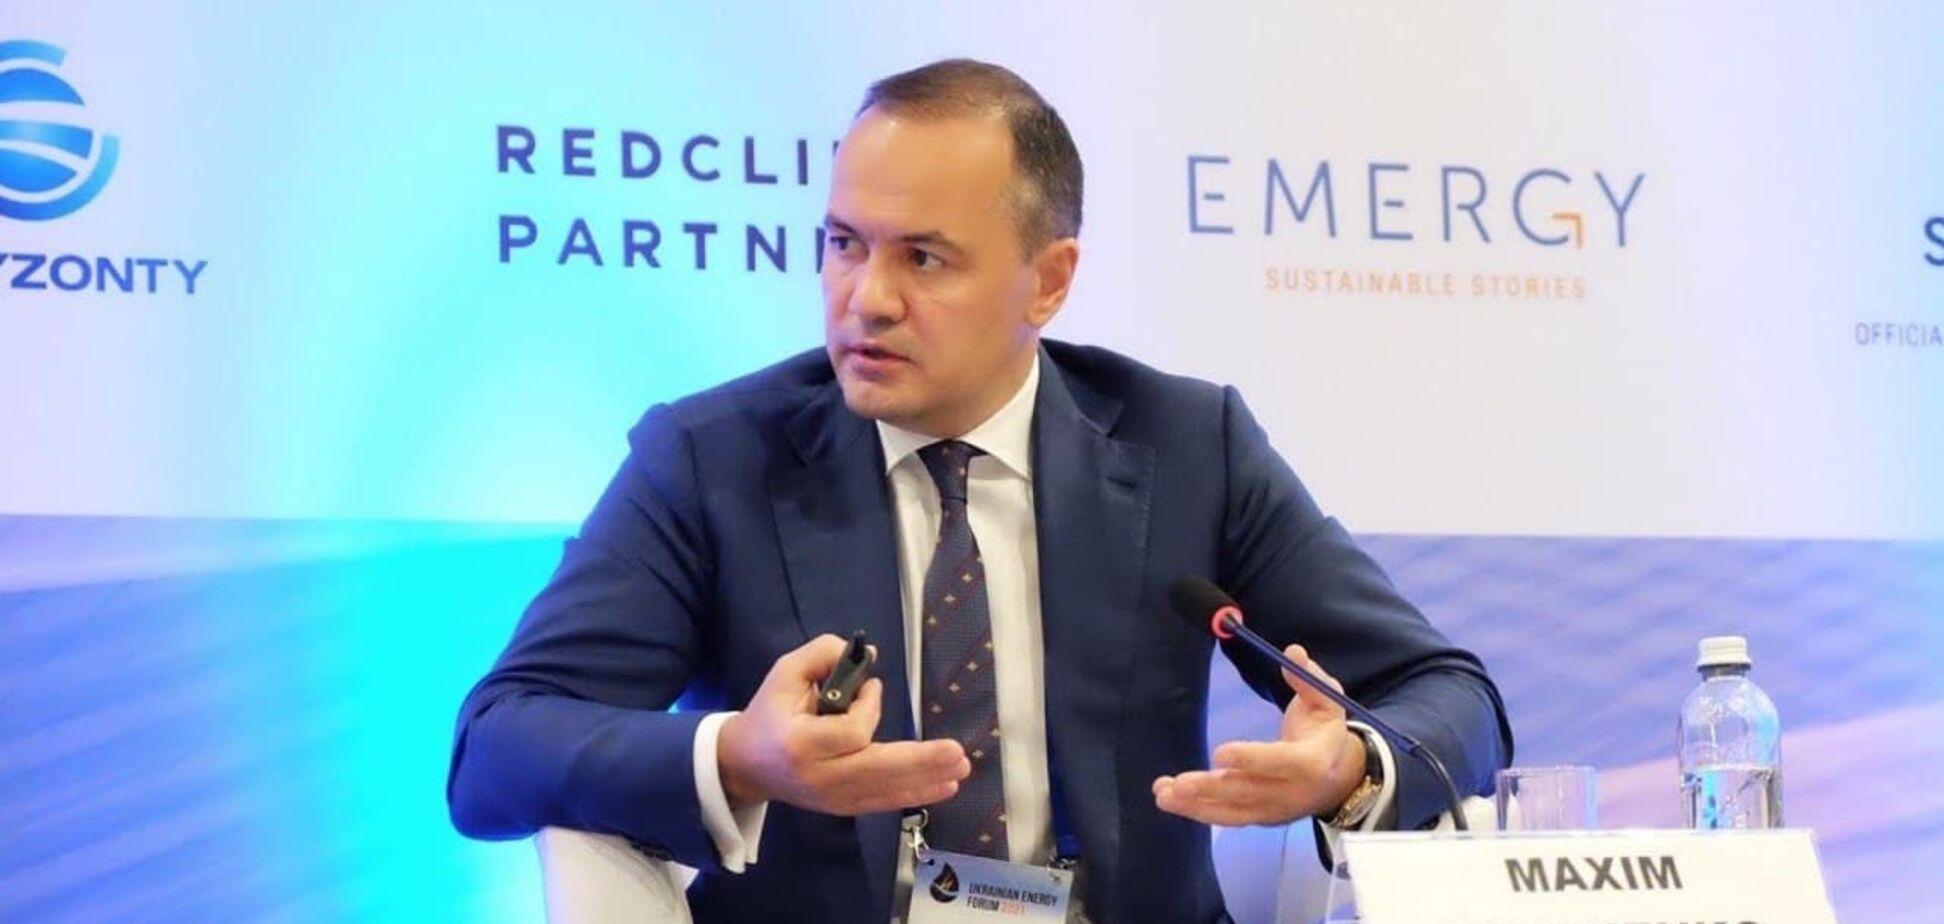 Максим Тімченко: інтеграція енергосистеми до ЄС і декарбонізація економіки – запорука енергобезпеки України